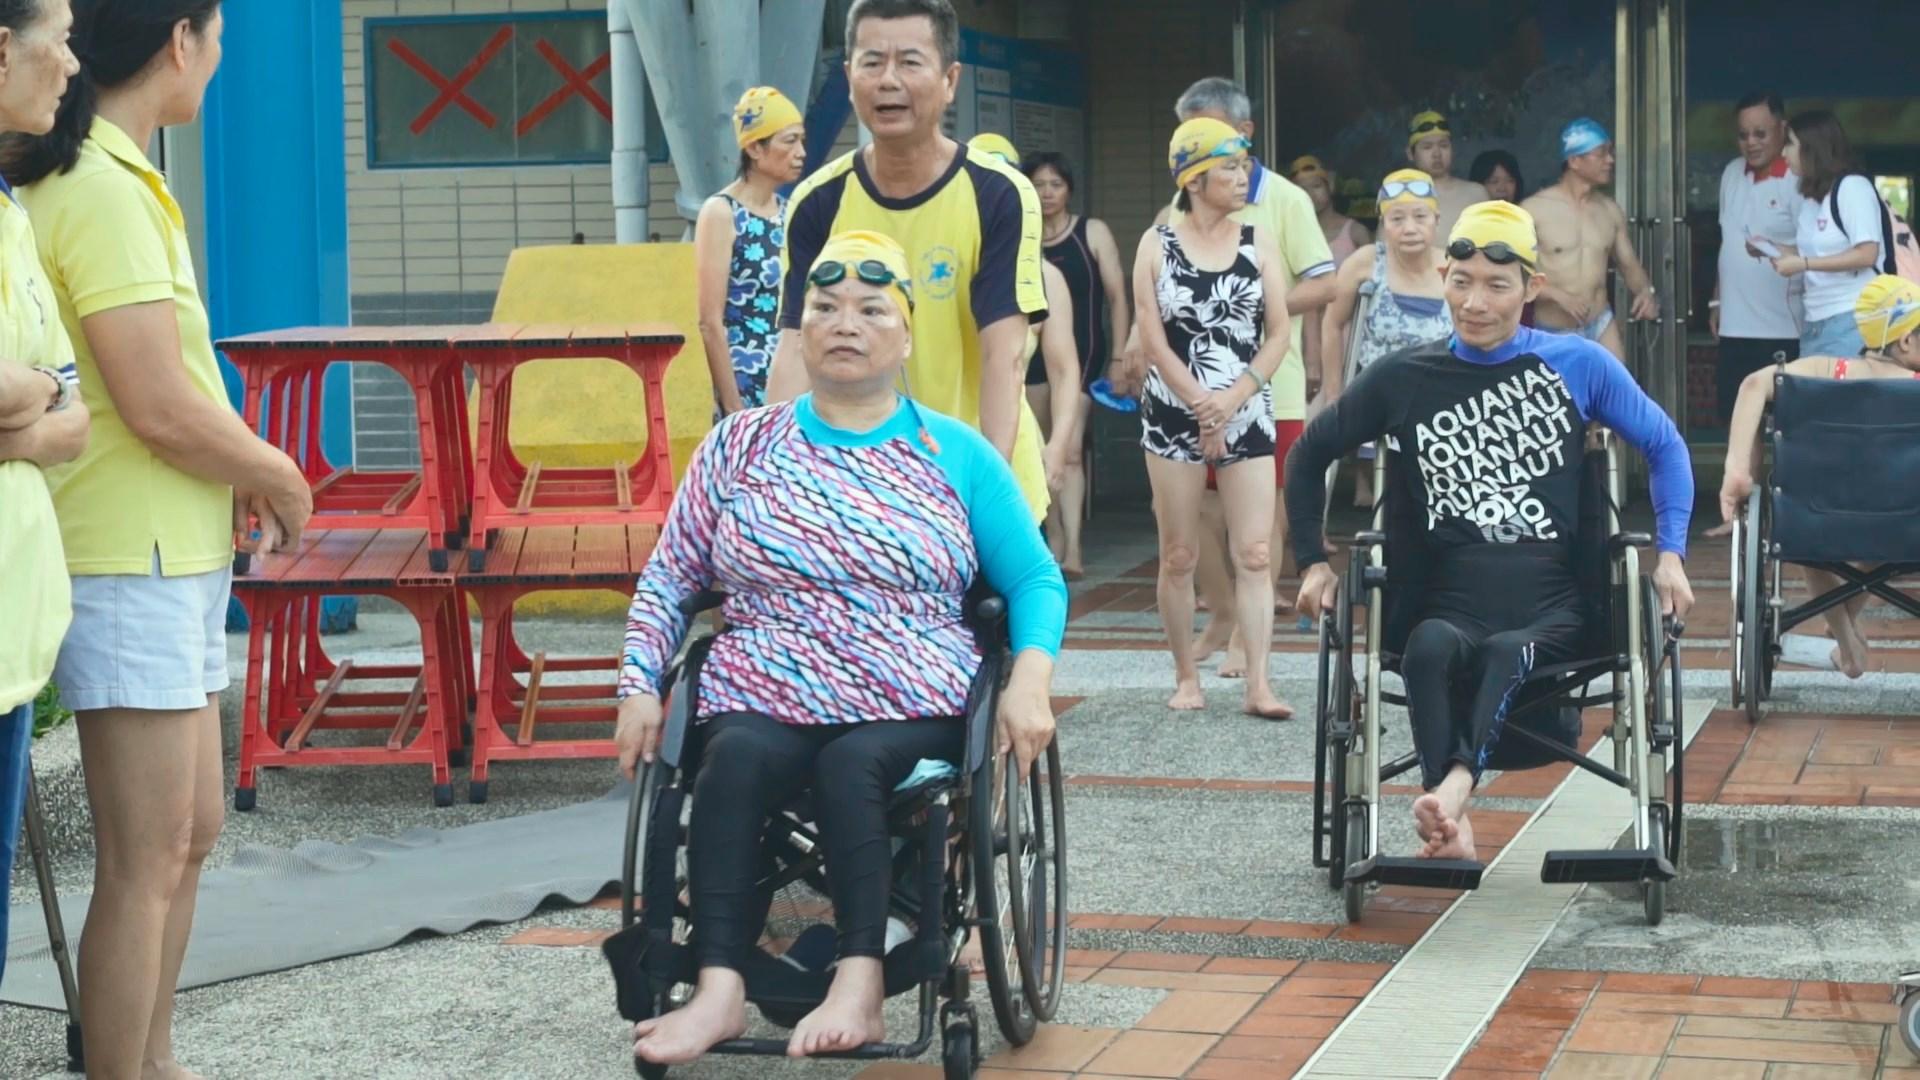 梁春錦和丈夫蘇俊源,在幼時便罹患小兒麻痺症,但這並沒有影響到他們追求夢想的決心。